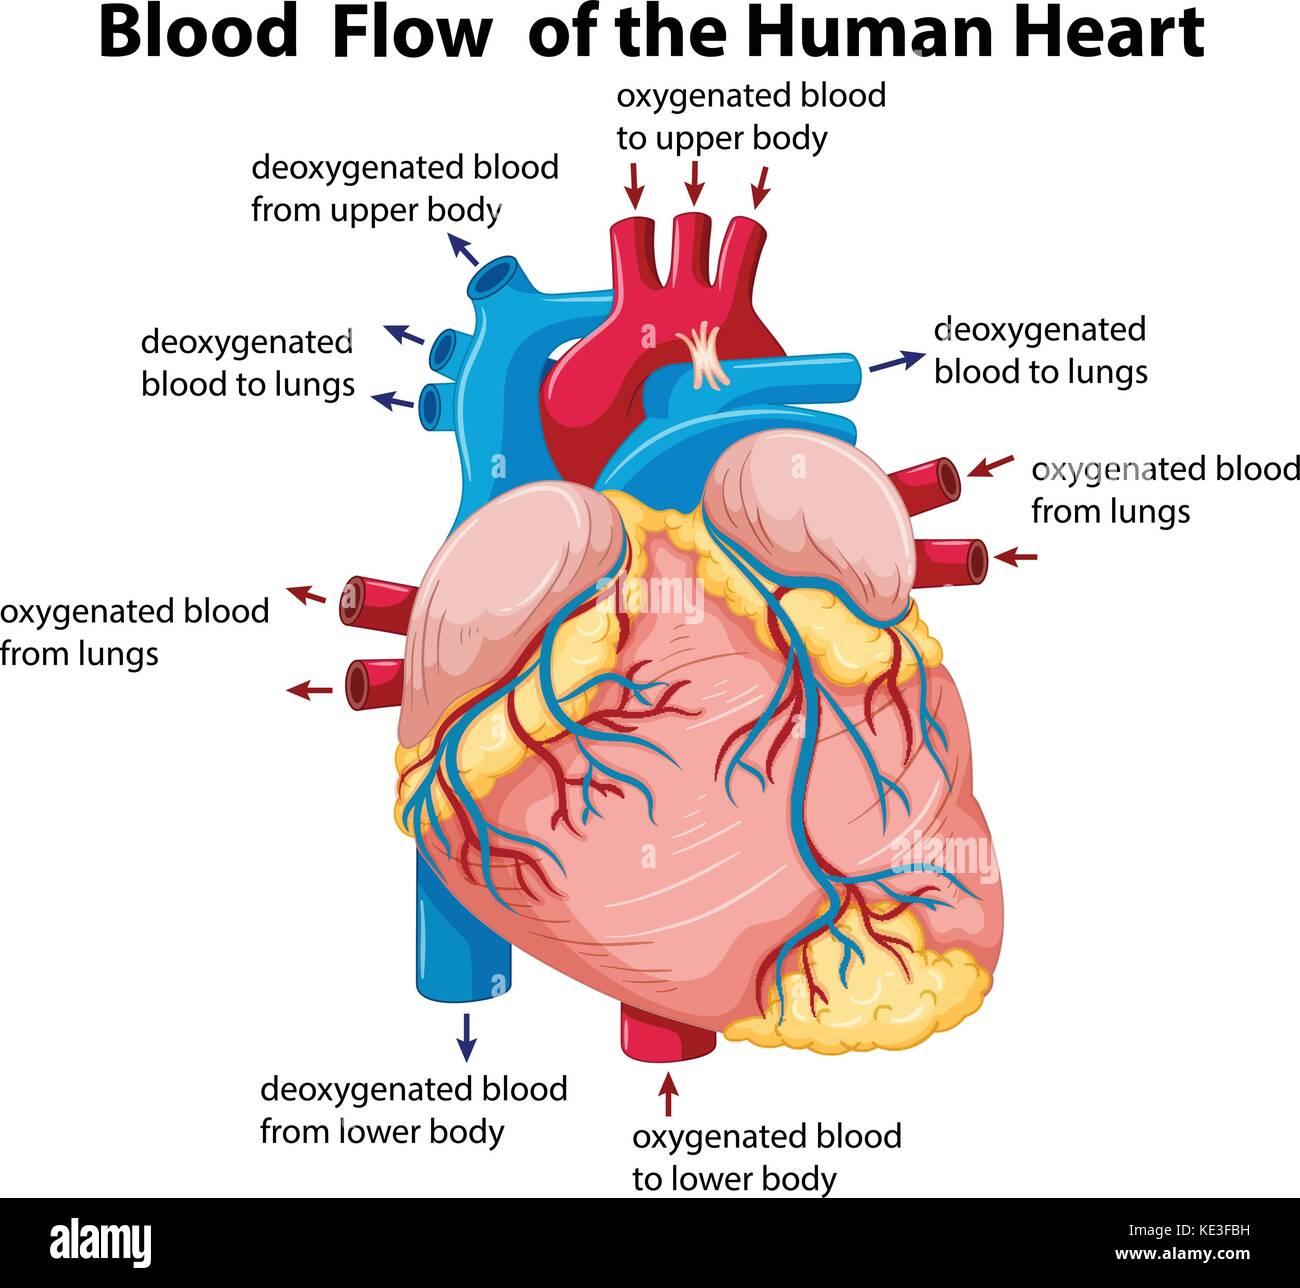 Diagrama que muestra el flujo de la sangre en el corazón humano la ...